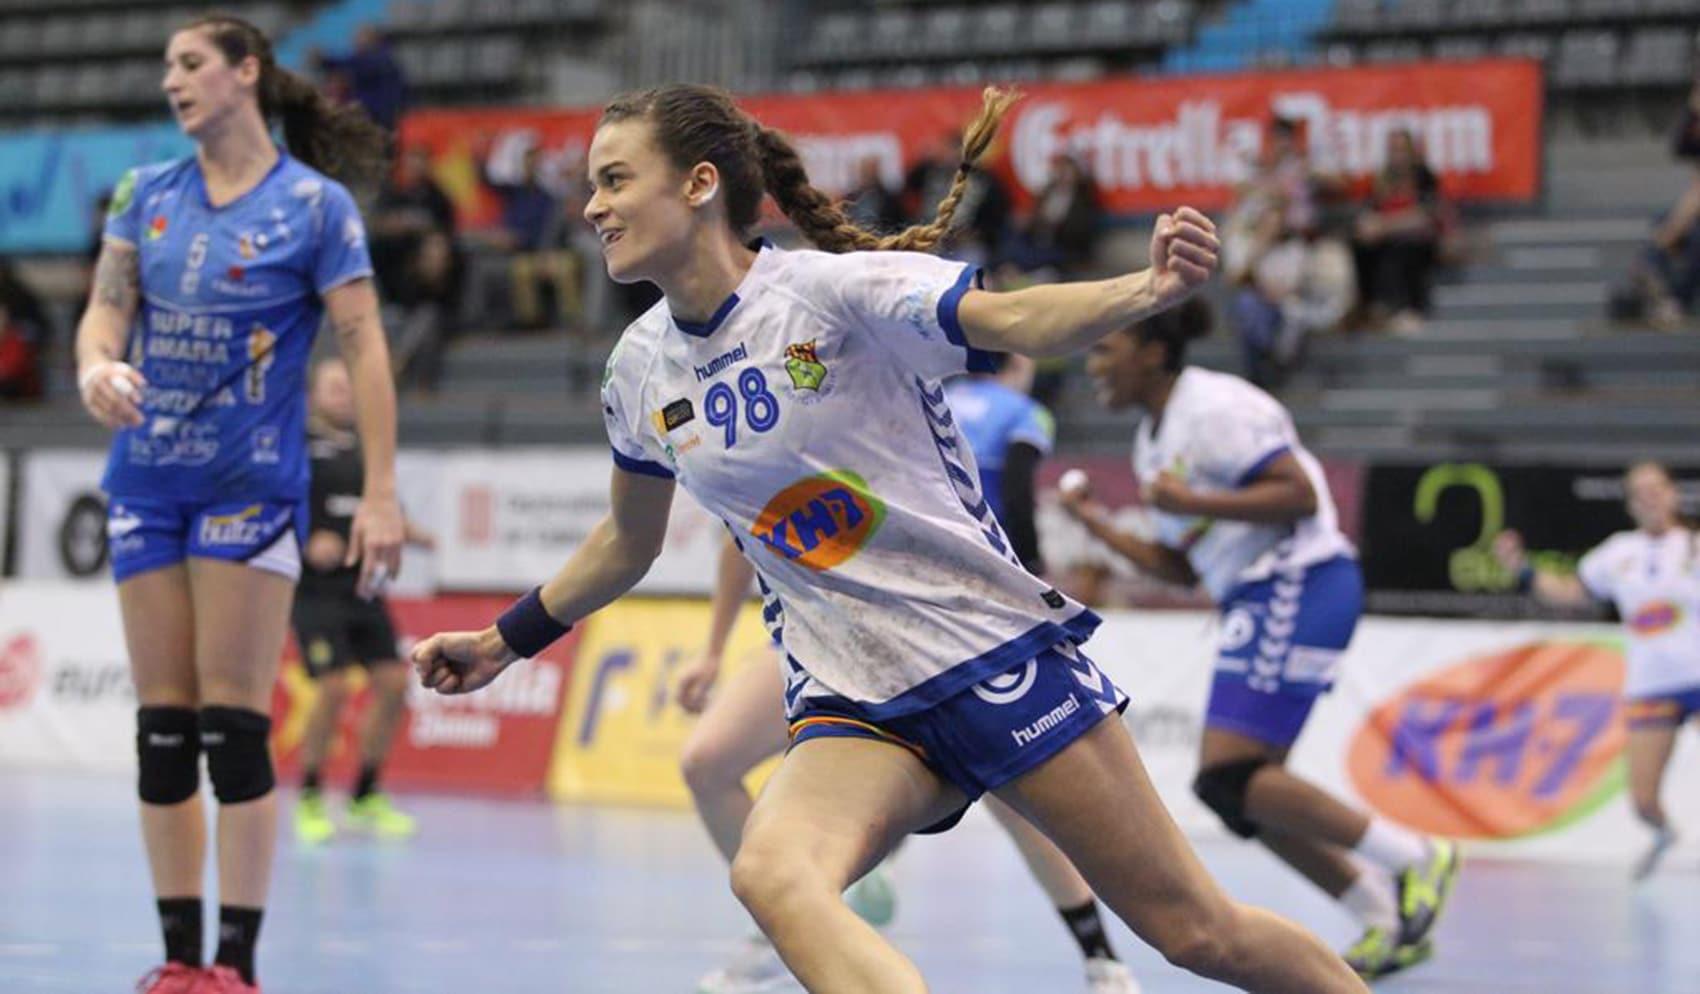 """Martina Capdevila: """"Des de petita he tingut clar que una jugadora d'handbol no pot viure d'aquest esport"""" 6"""